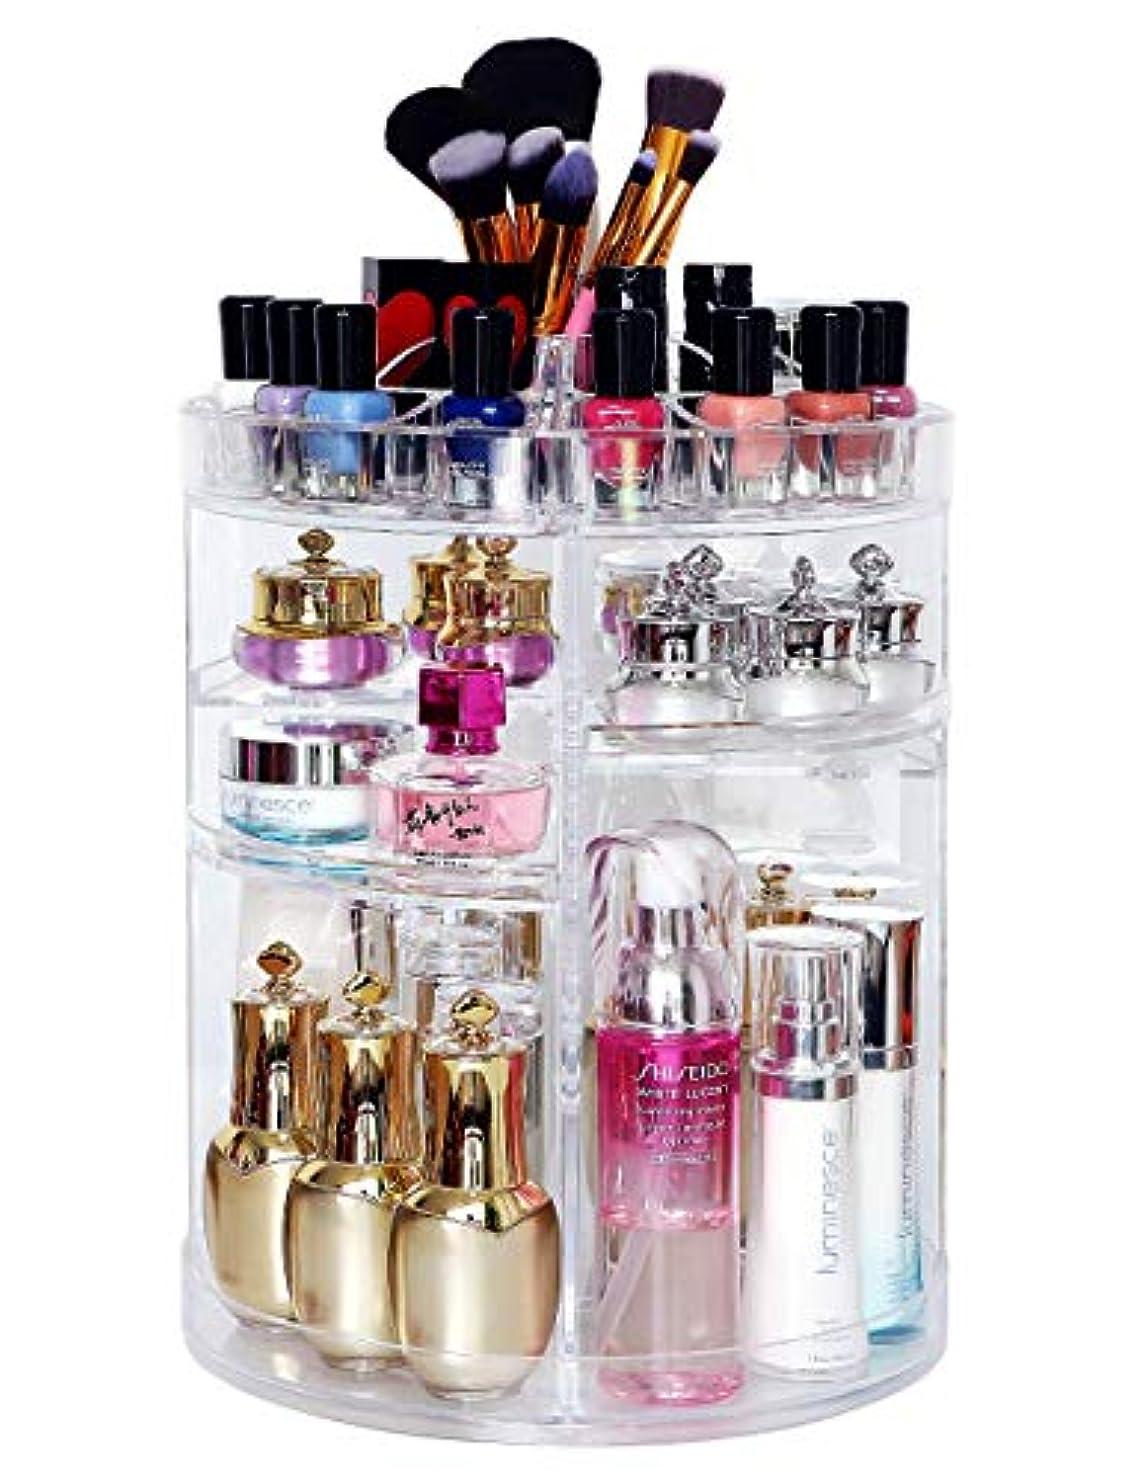 伝記ハイライト抵当winkong 化粧品収納ボックス 大容量 360度回転 透明 調節可能 メイク収納ケース 化粧品収納ラック 女の子のギフト